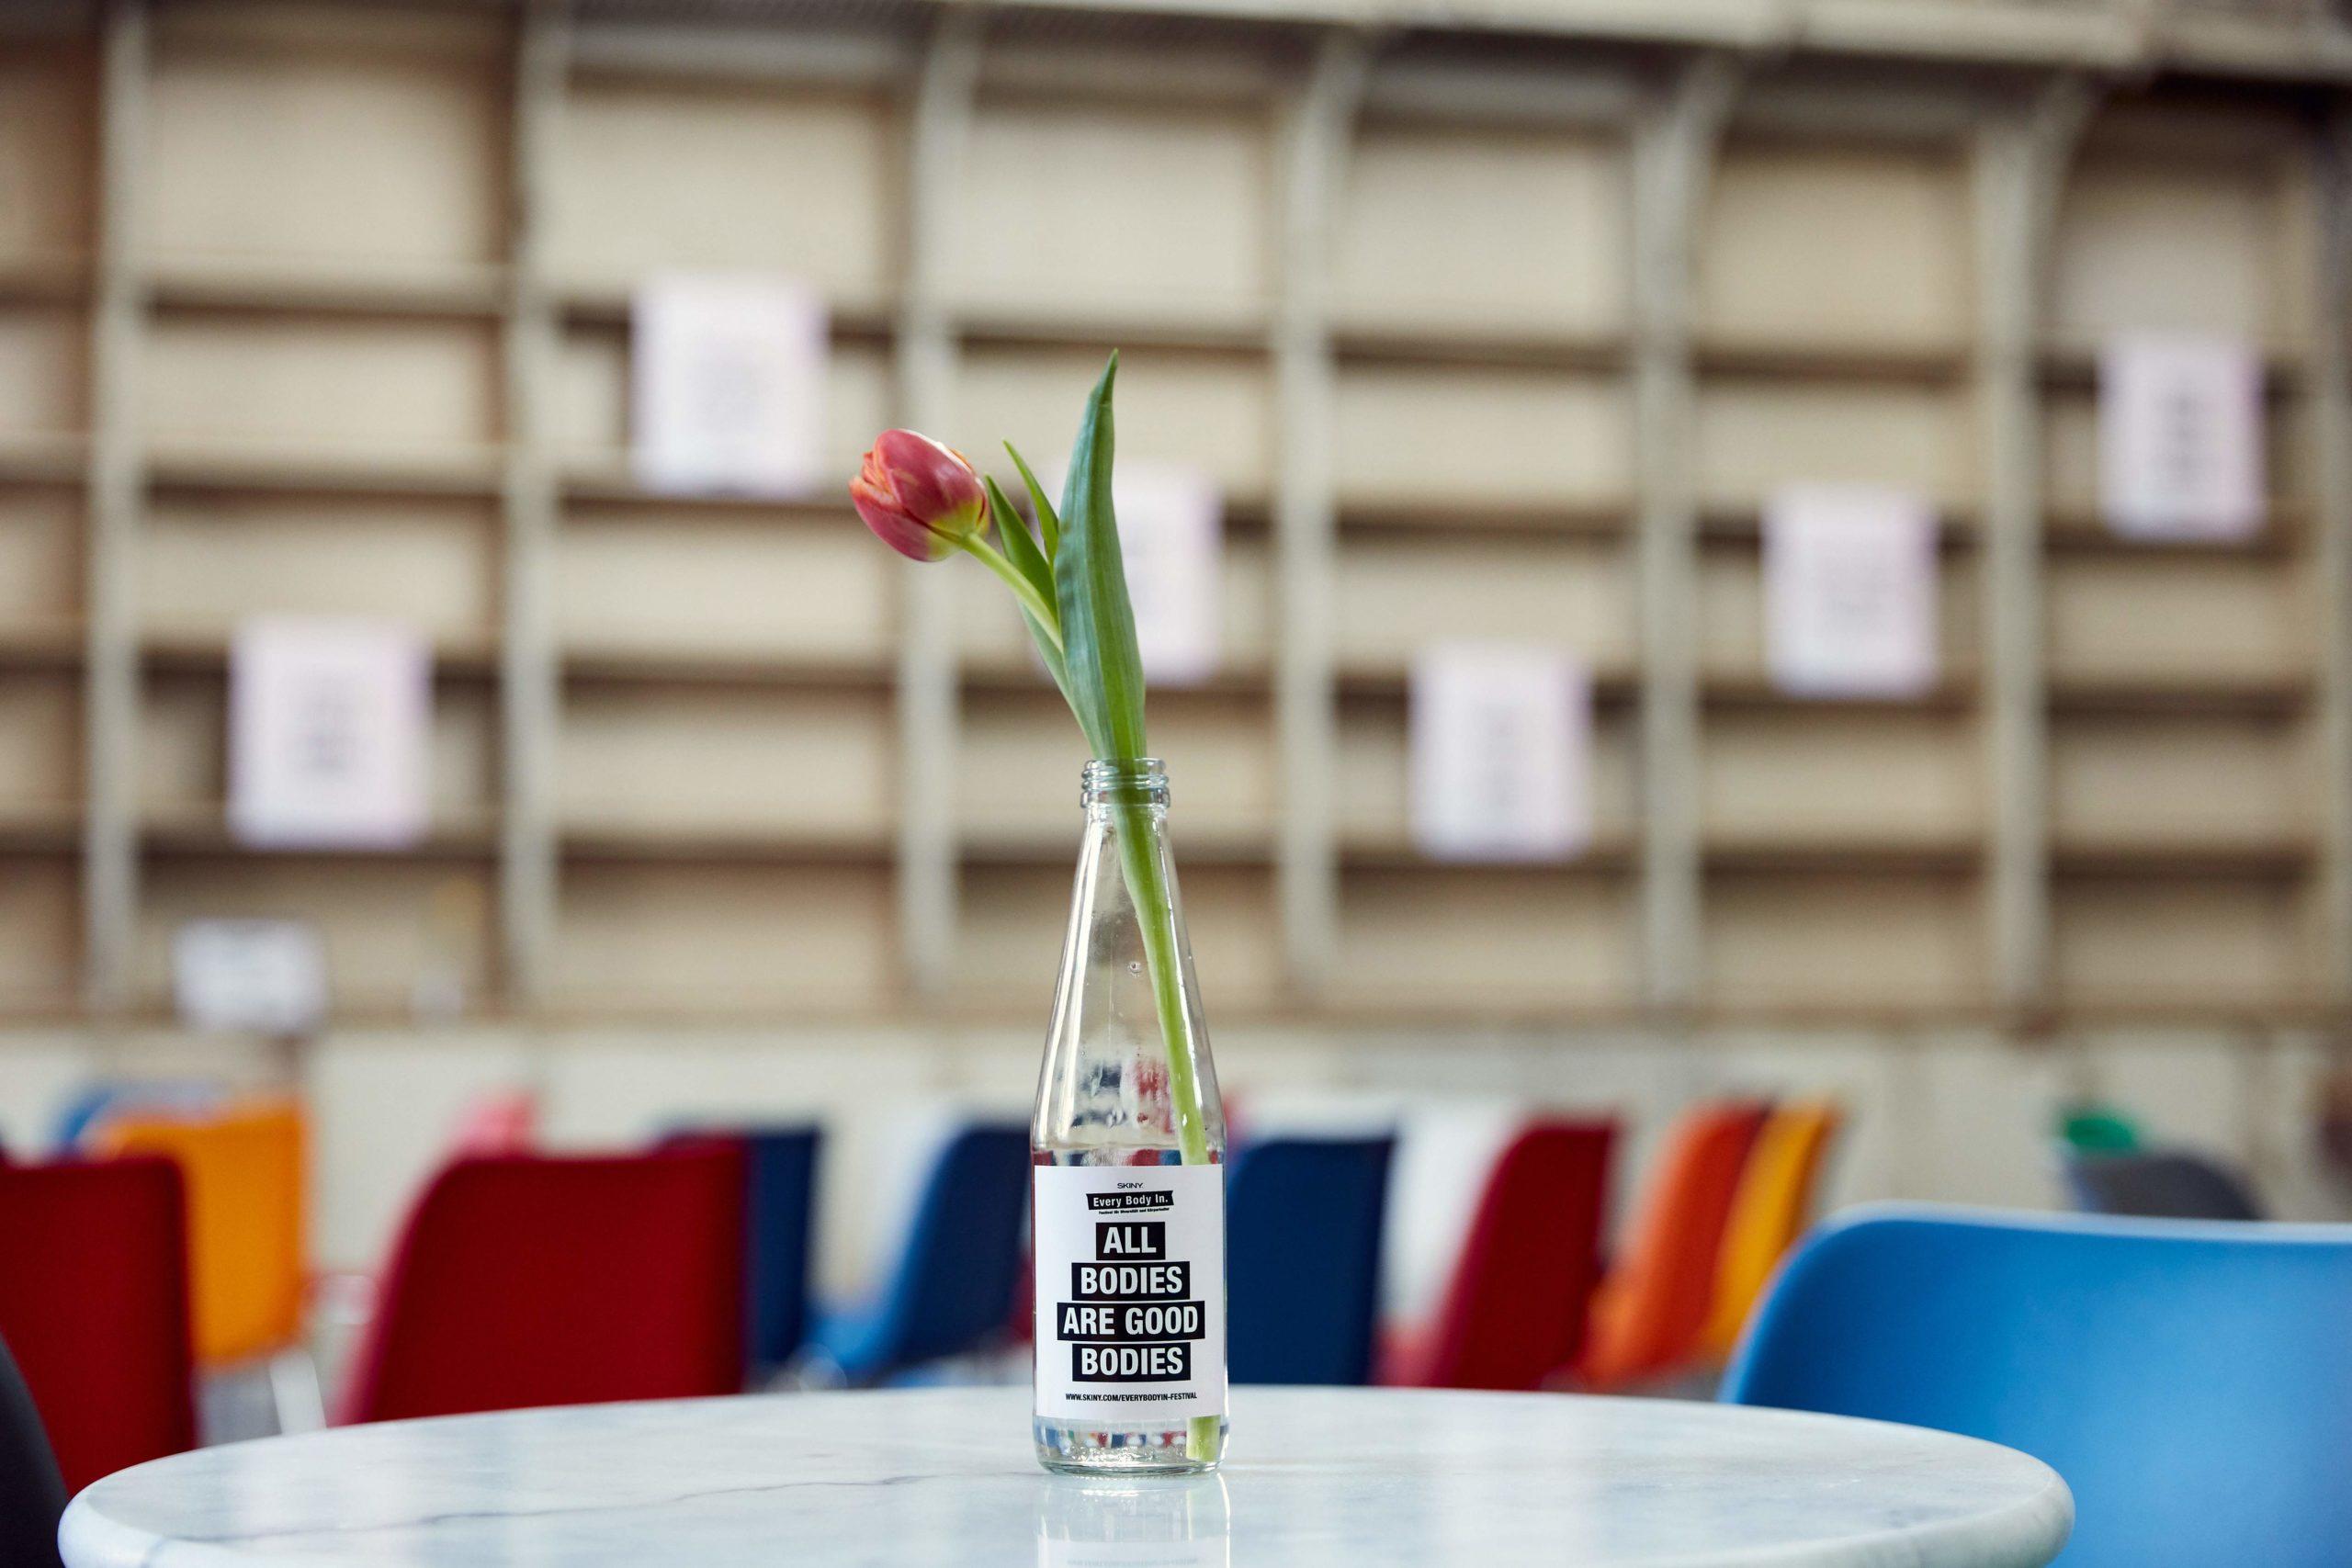 Auf diesem Bild sieht man eine Tulpe in einer Glasflasche auf einem Kaffeehaustisch. Auf der Glasflasche steht die Aufschrift: All bodies are good bodies.